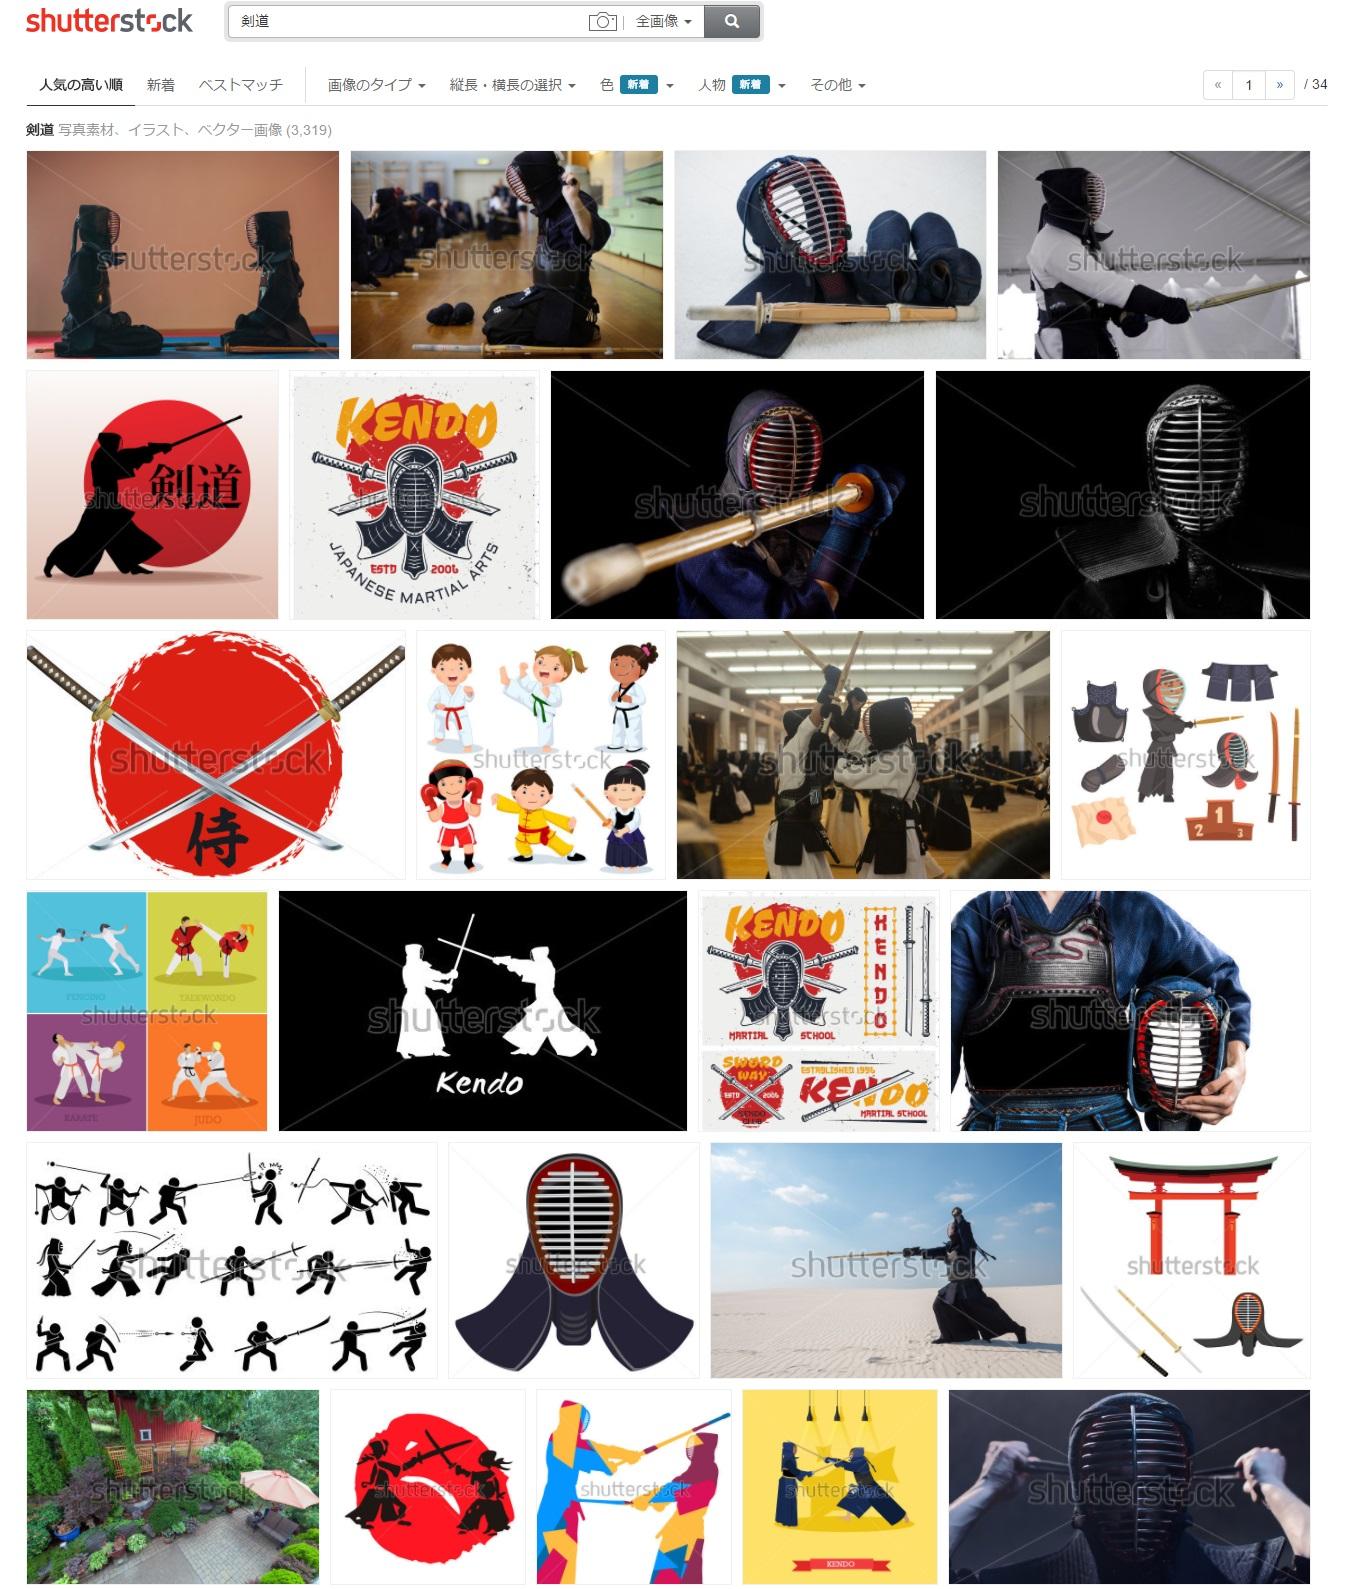 剣道画像素材集sutterstock